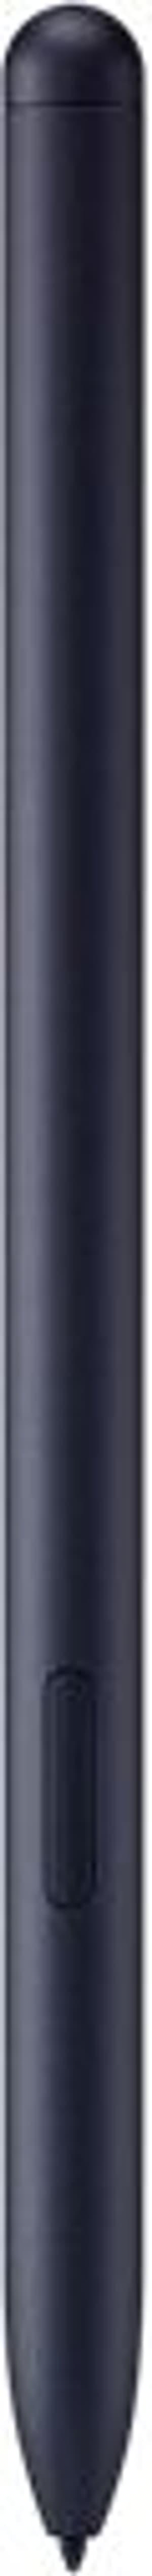 S Pen Tab S7 / S7+